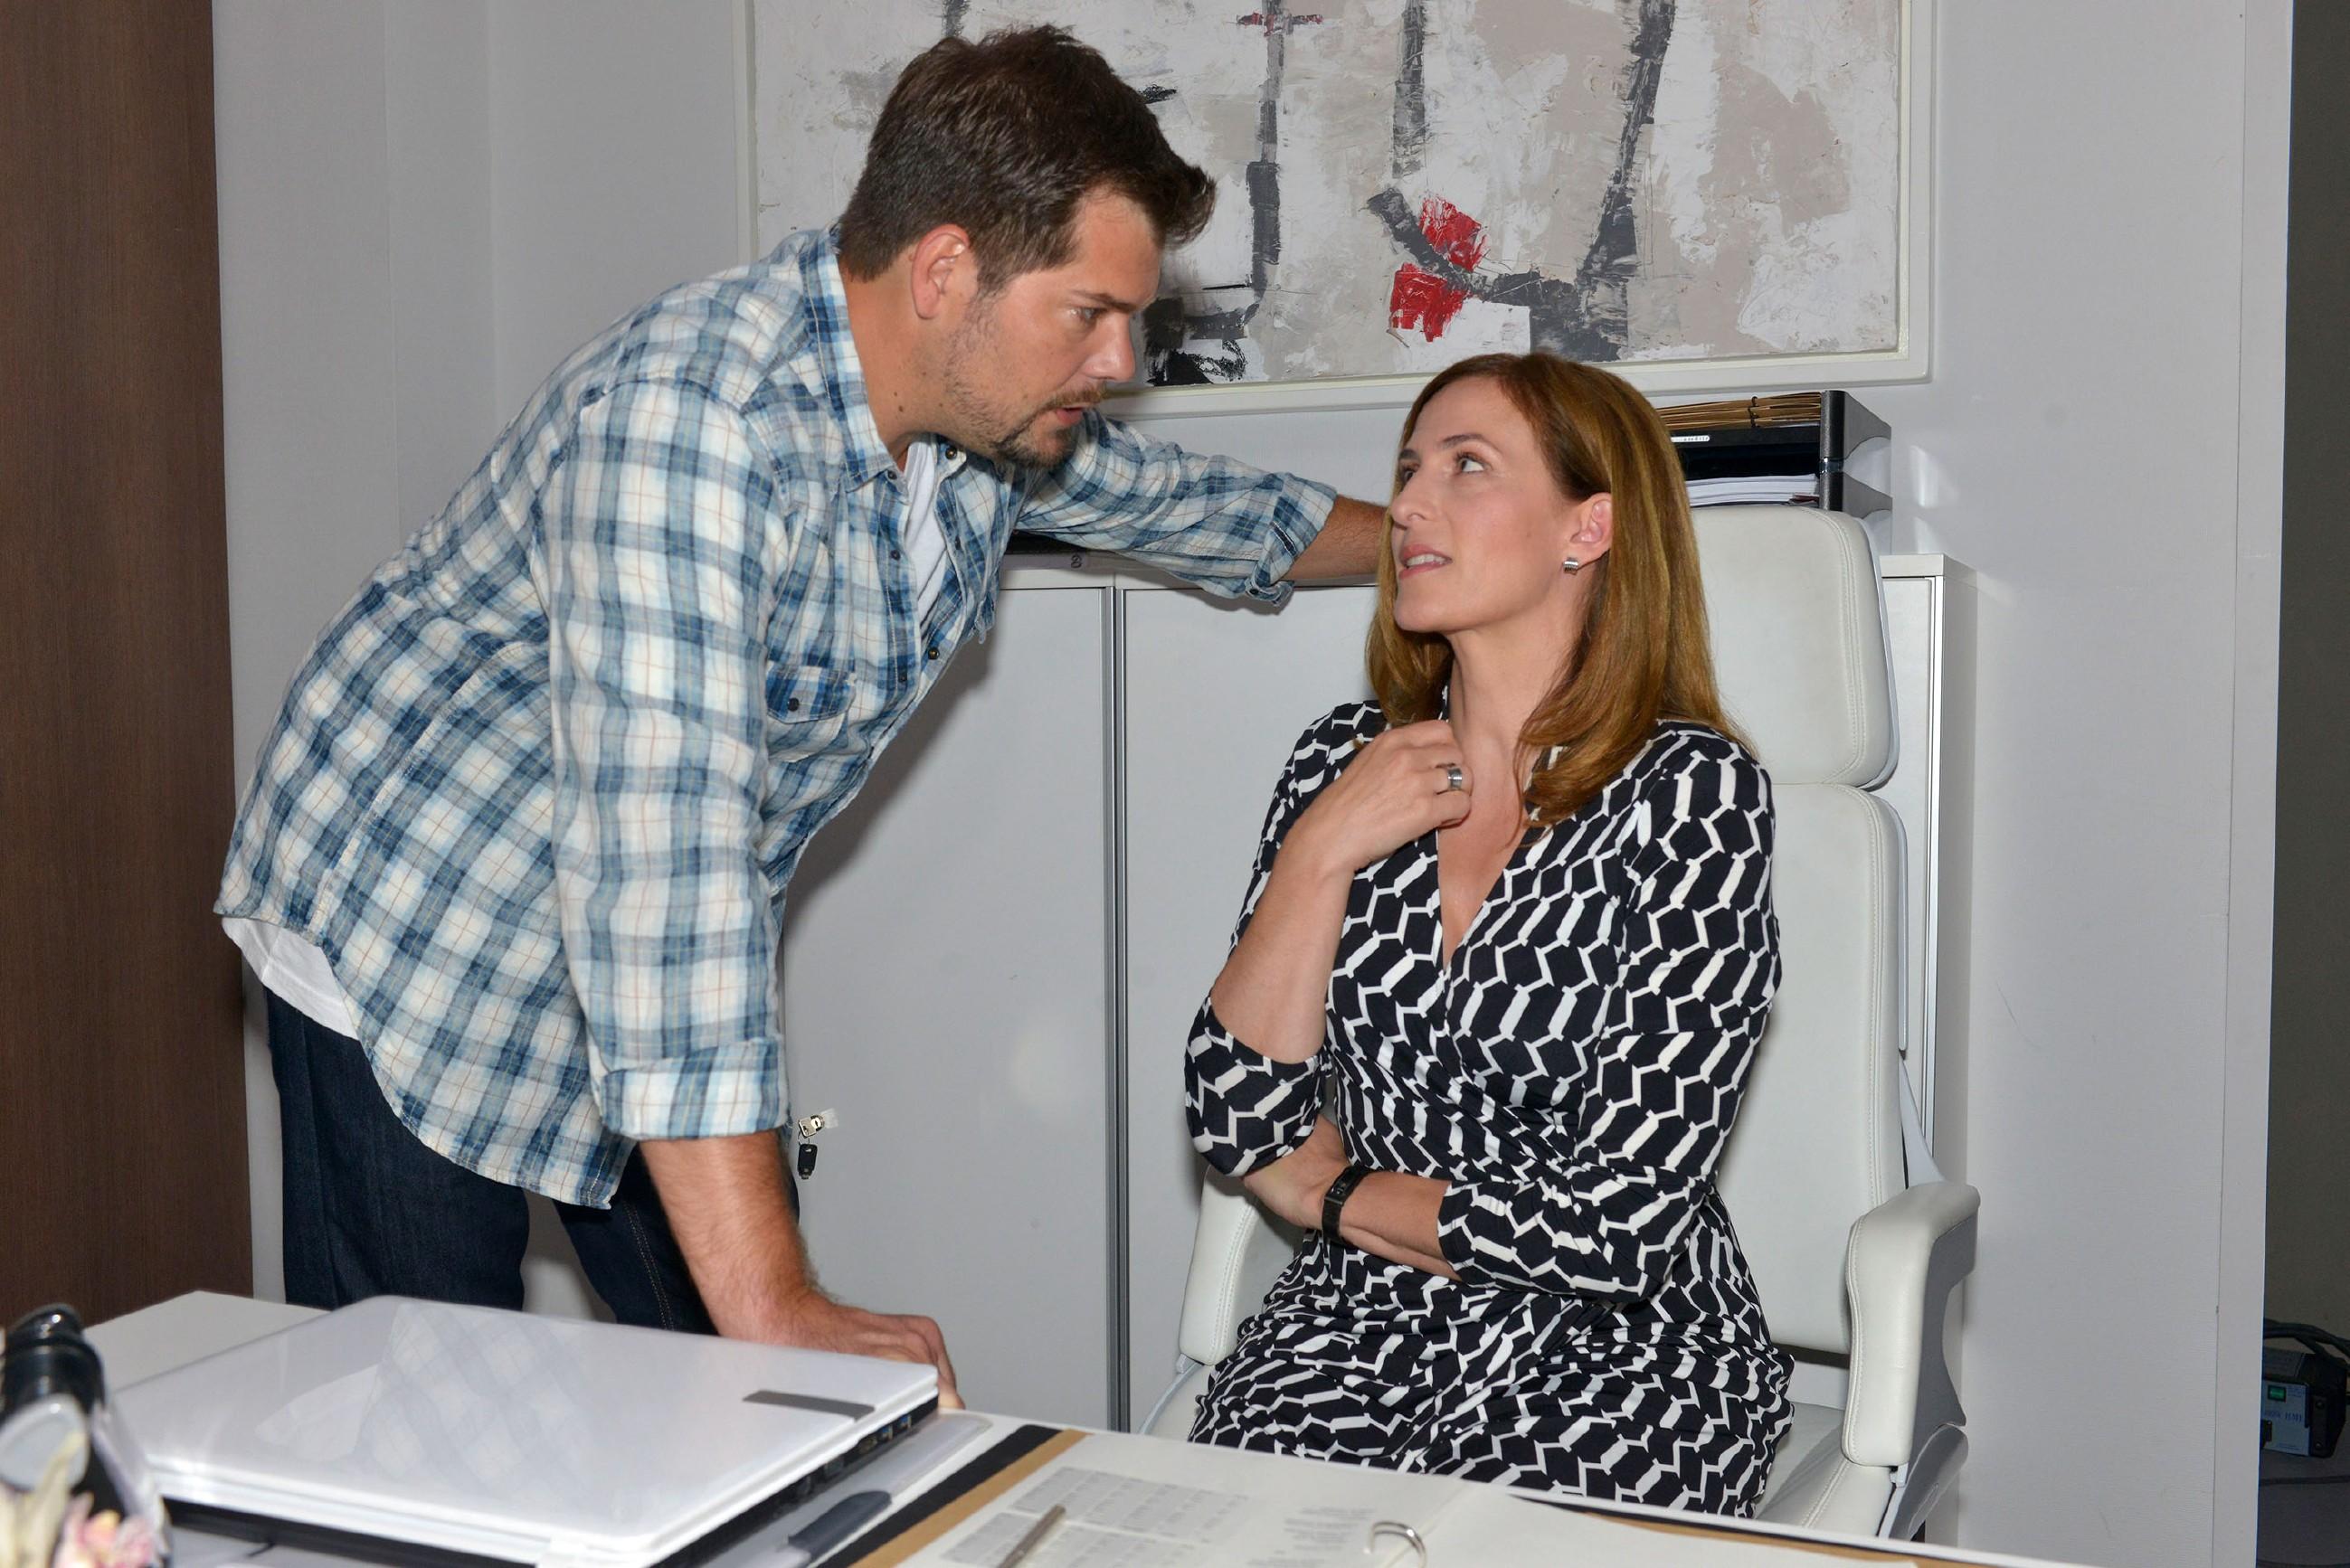 Als Leon (Daniel Fehlow) Katrin (Ulrike Frank) wegen Sophies Kündigung aufsucht, wird ihm klar, dass das Magazin, in dem auch sein Geld steckt, am Abgrund steht... (Quelle: © RTL / Rolf Baumgartner)